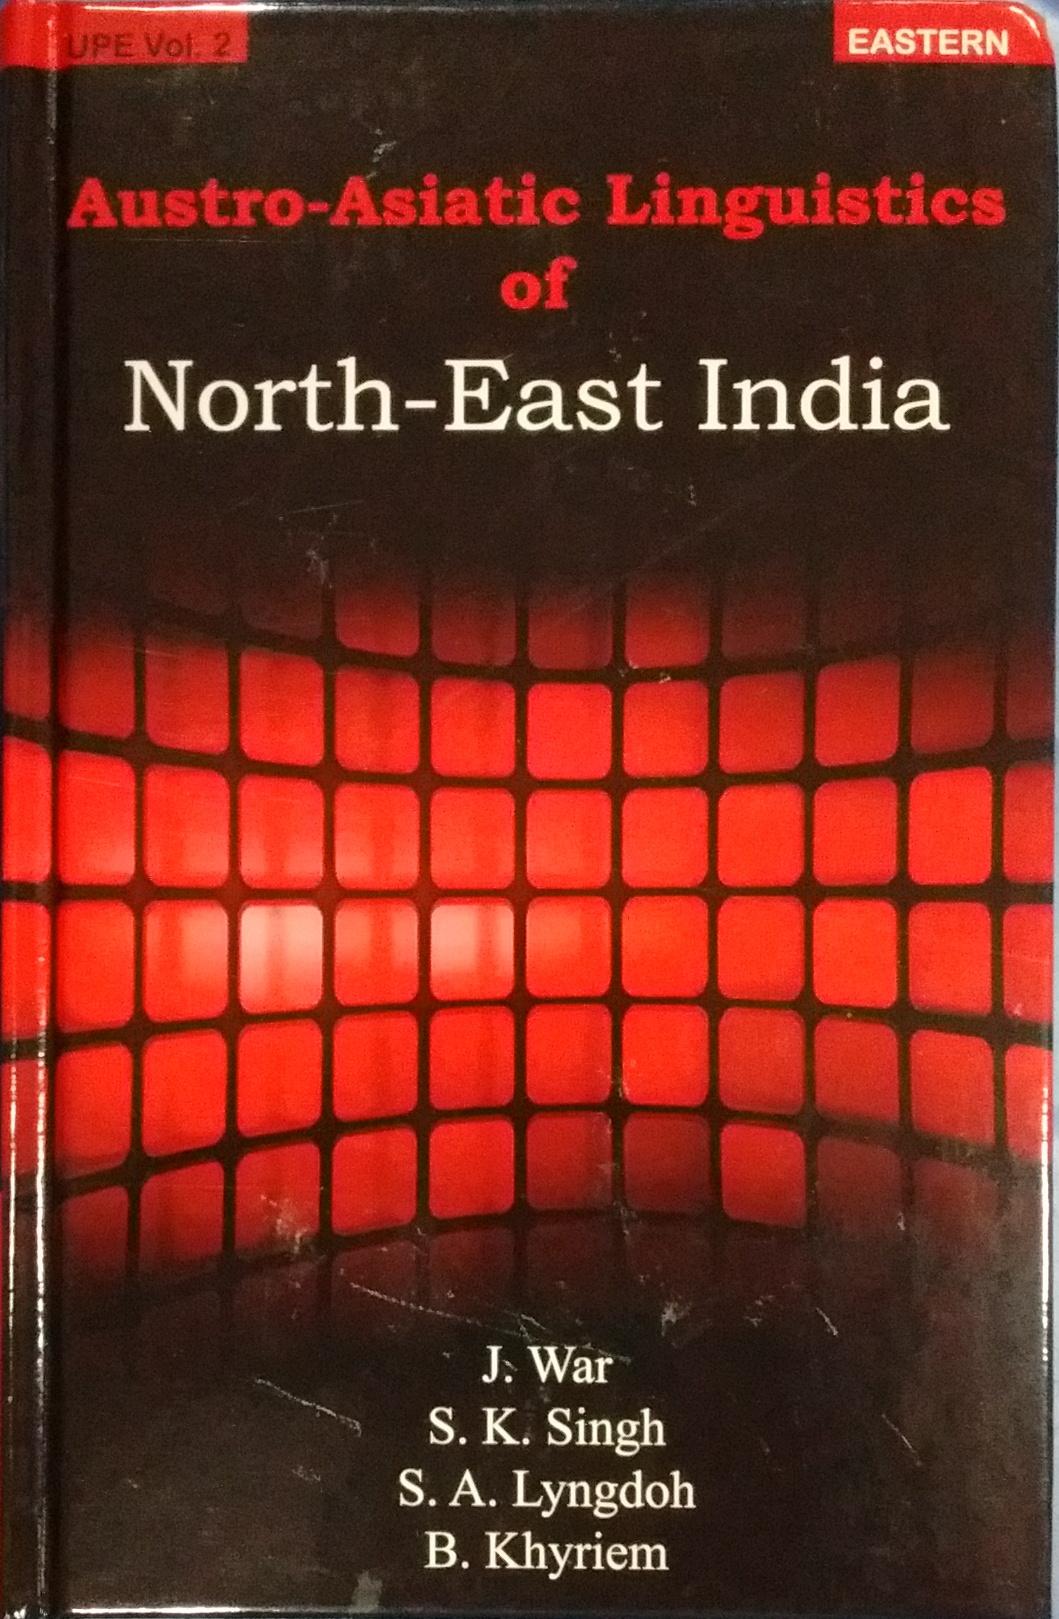 Austro-Asiatic Linguistics of North-East India